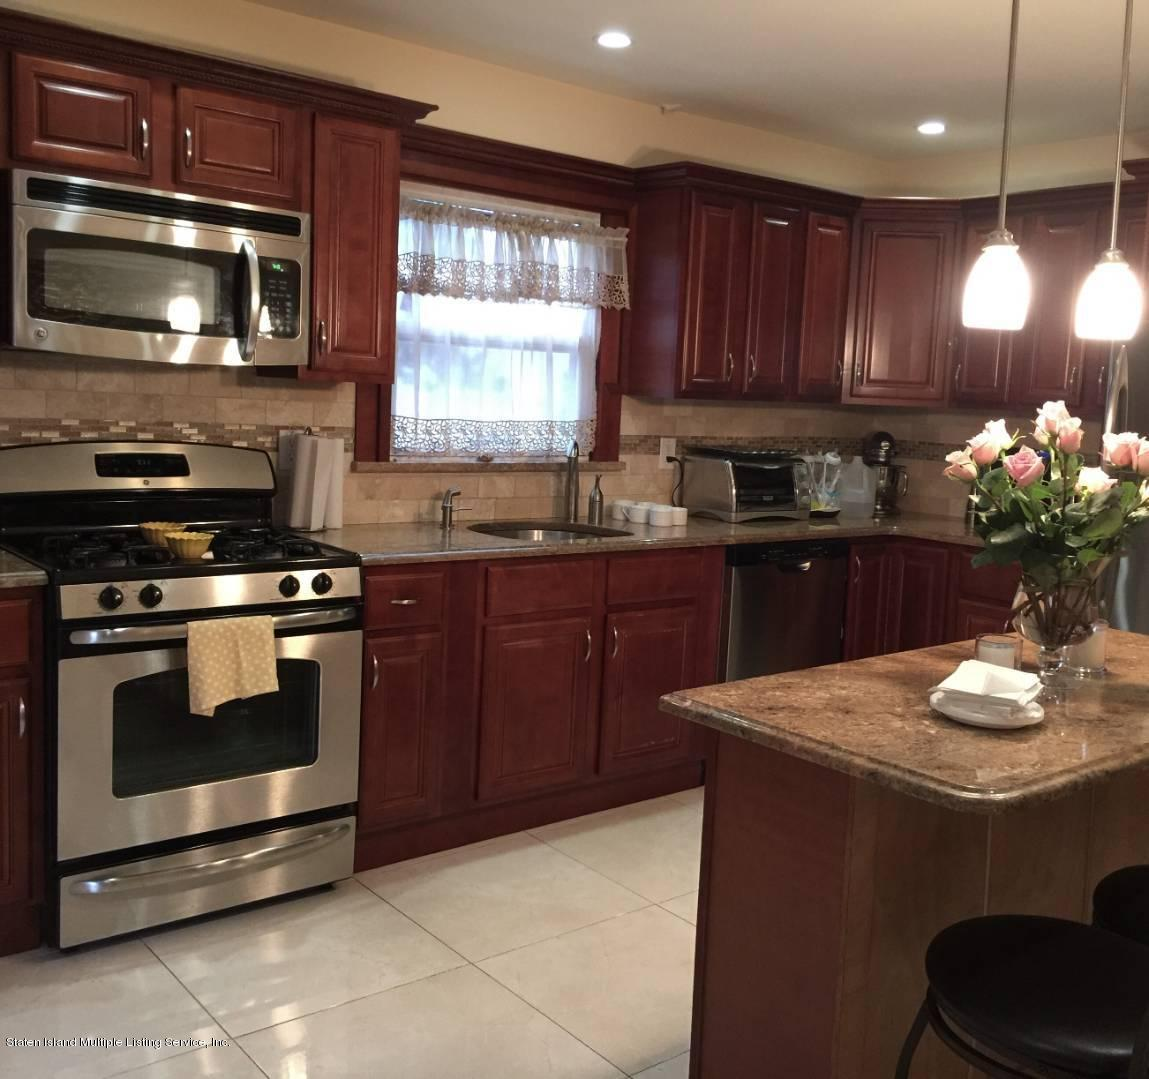 Single Family - Semi-Attached 204 Stobe Avenue  Staten Island, NY 10306, MLS-1124301-2